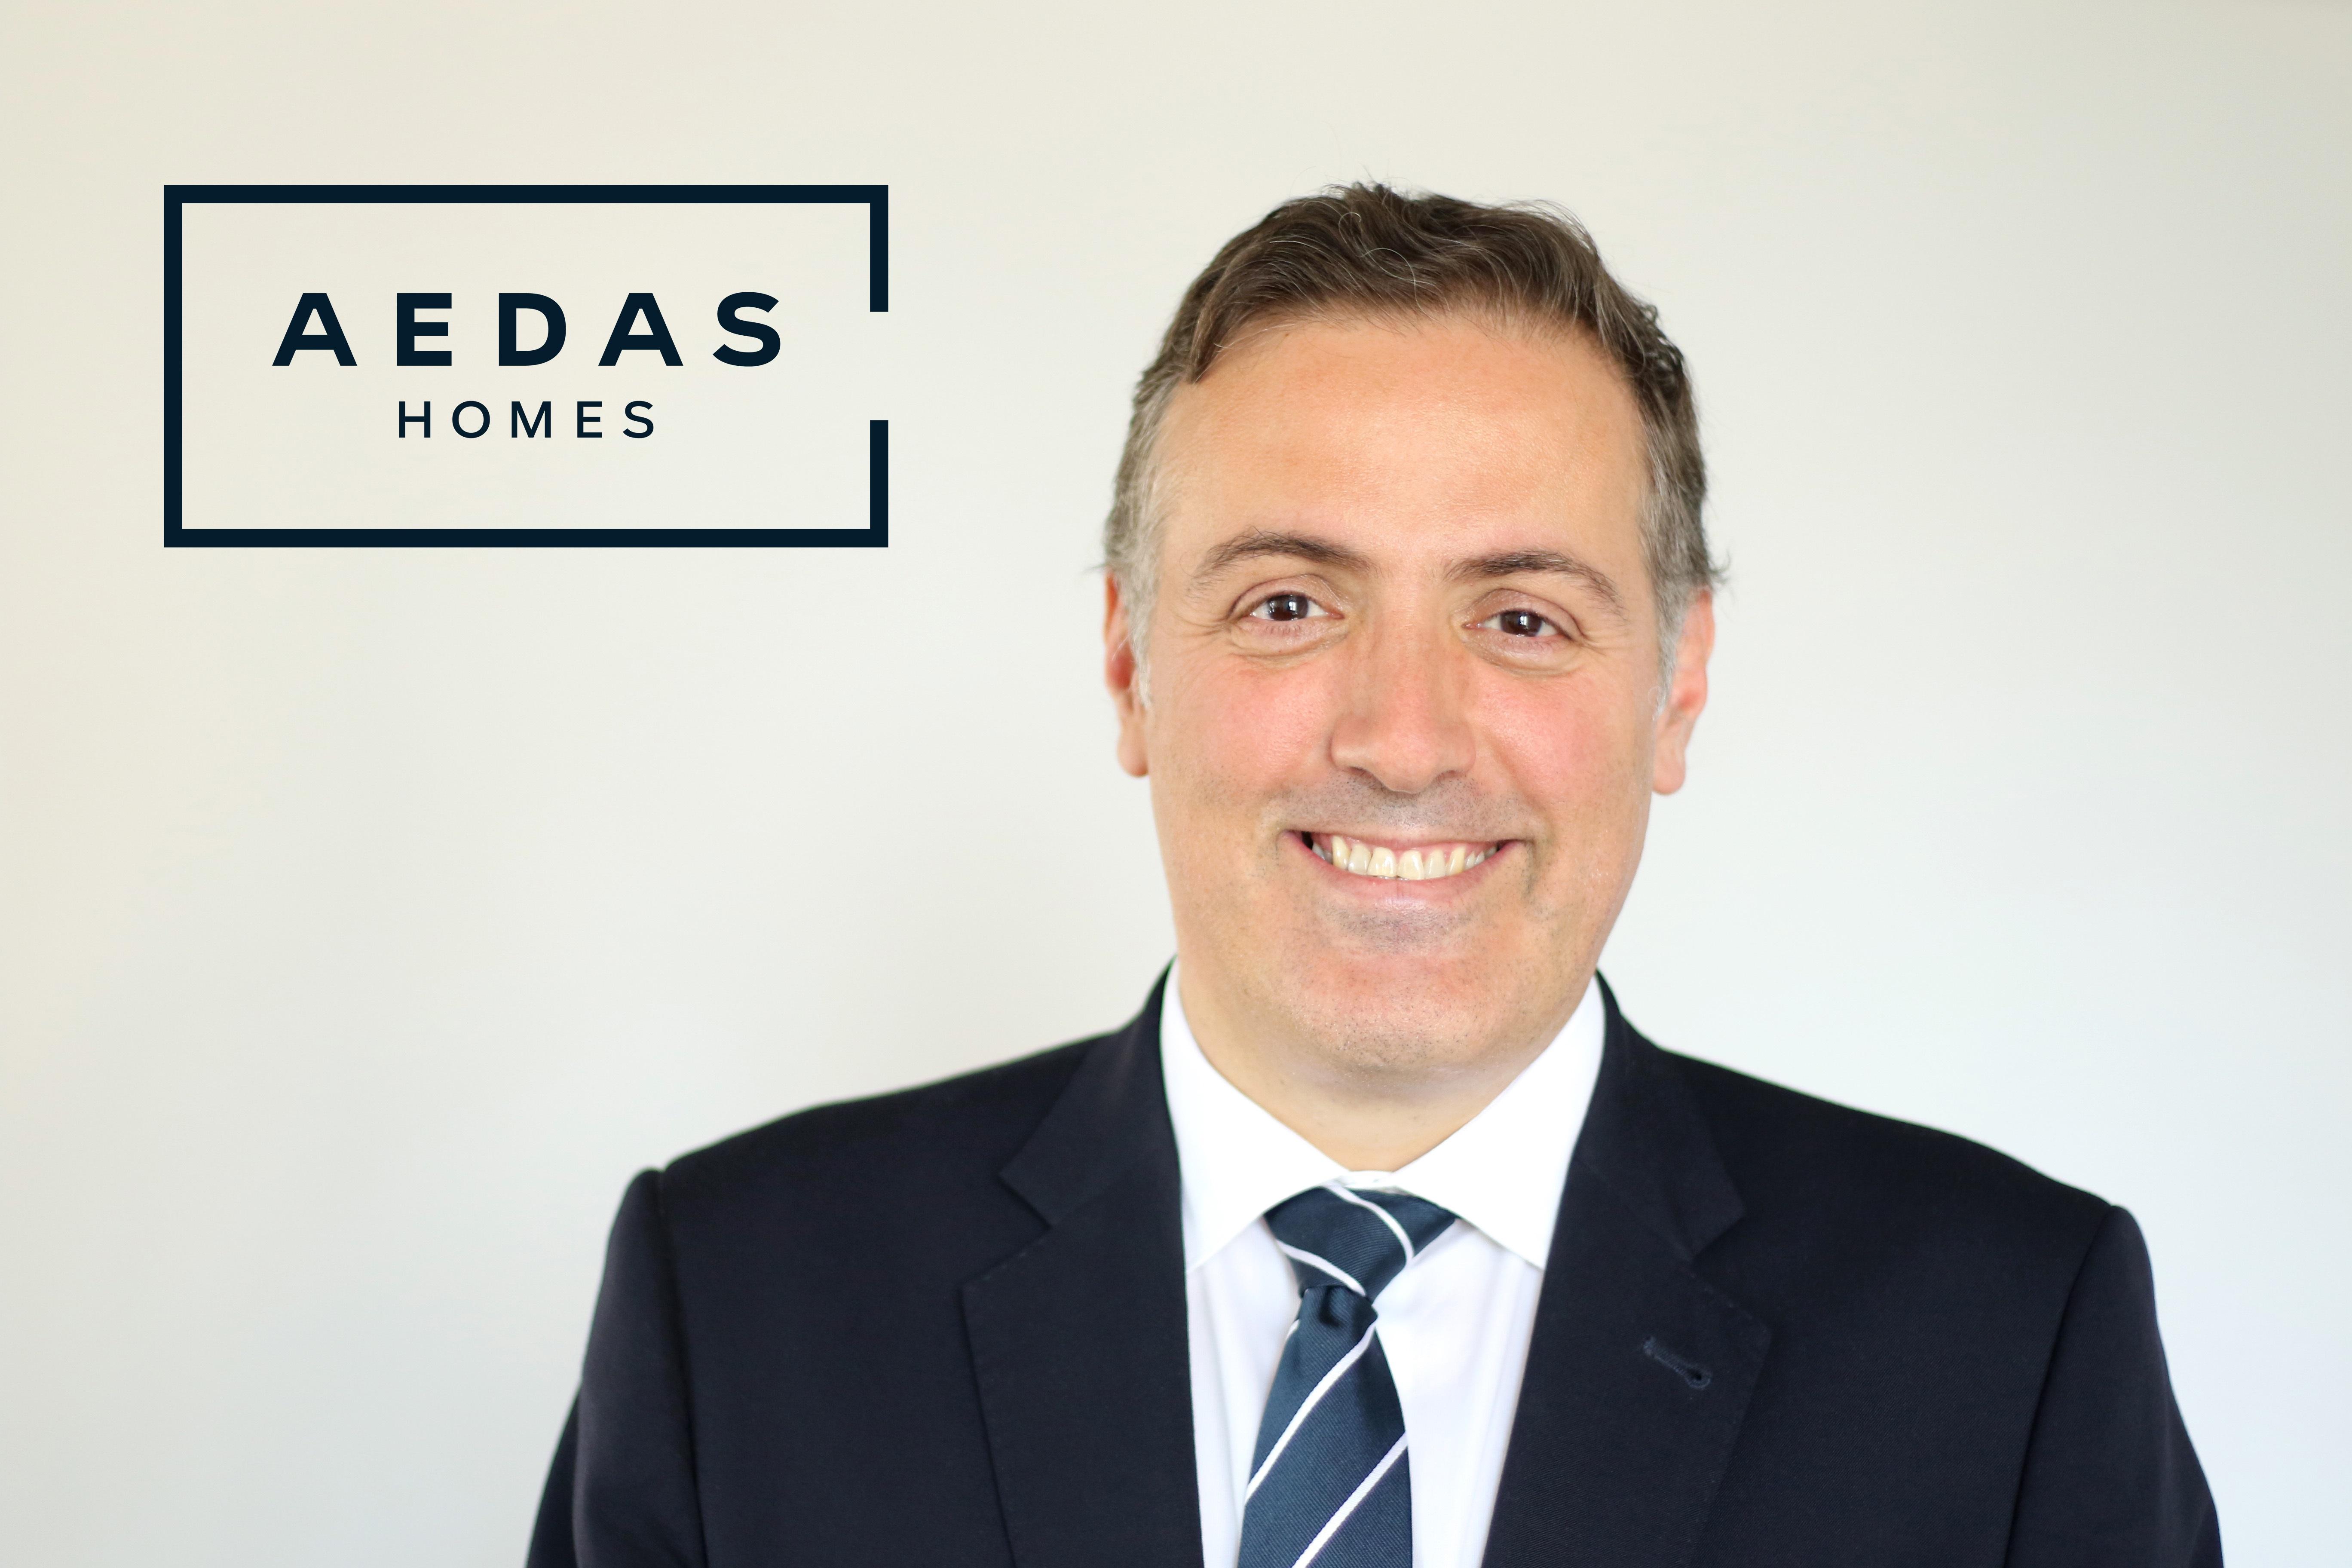 El Consejero Delegado de AEDAS Homes, David Martínez, posa delante del logo de la empresa / AEDAS HOMES